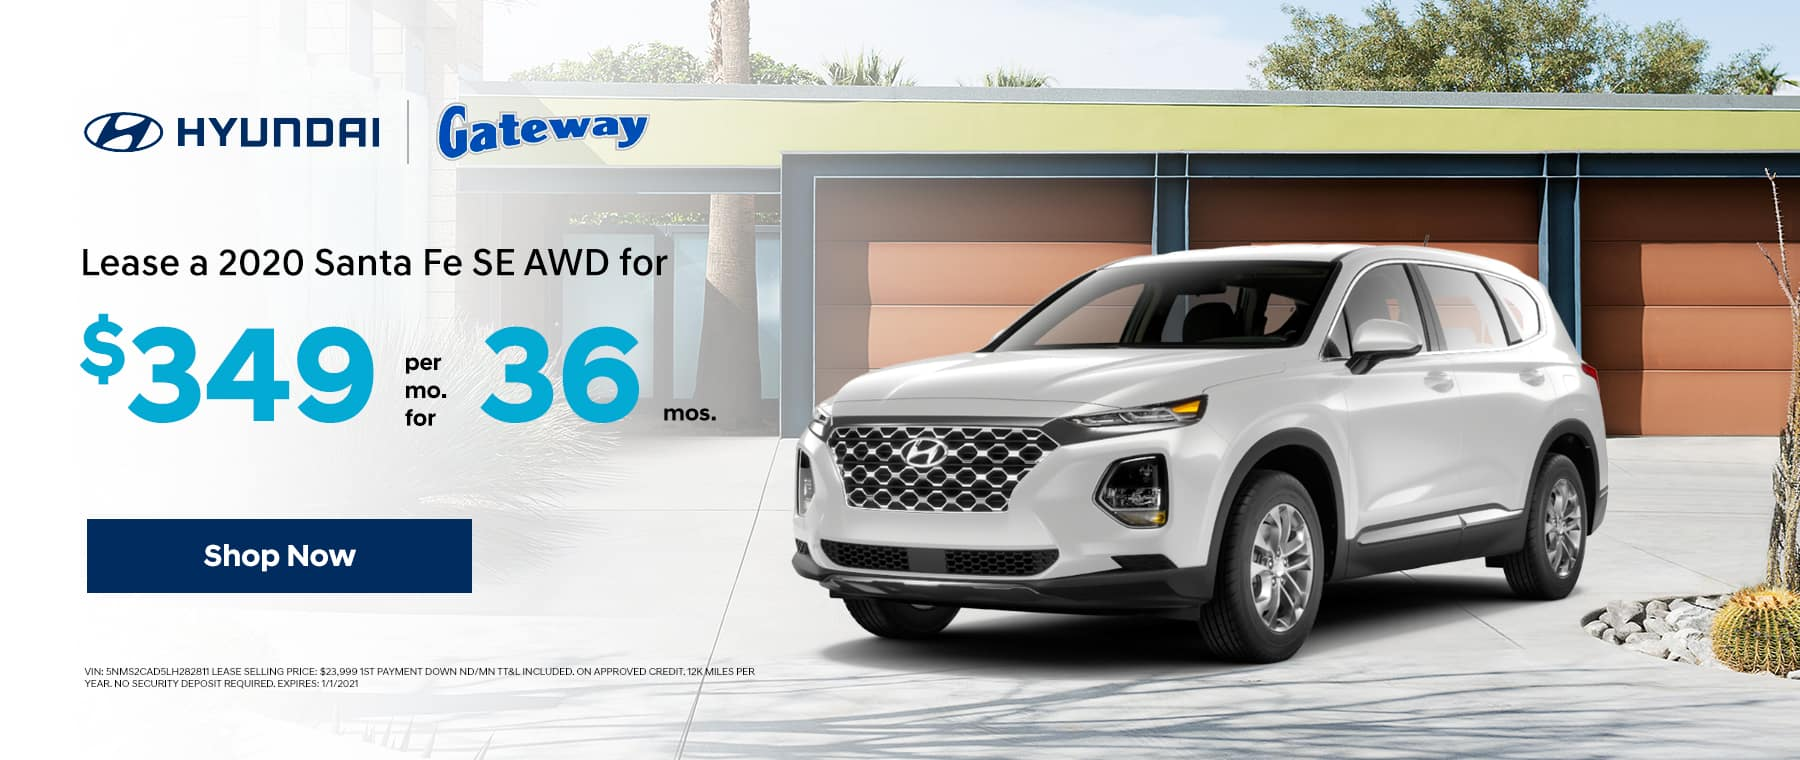 GatewayAutomotive_SL_0220_1800x760 (28)